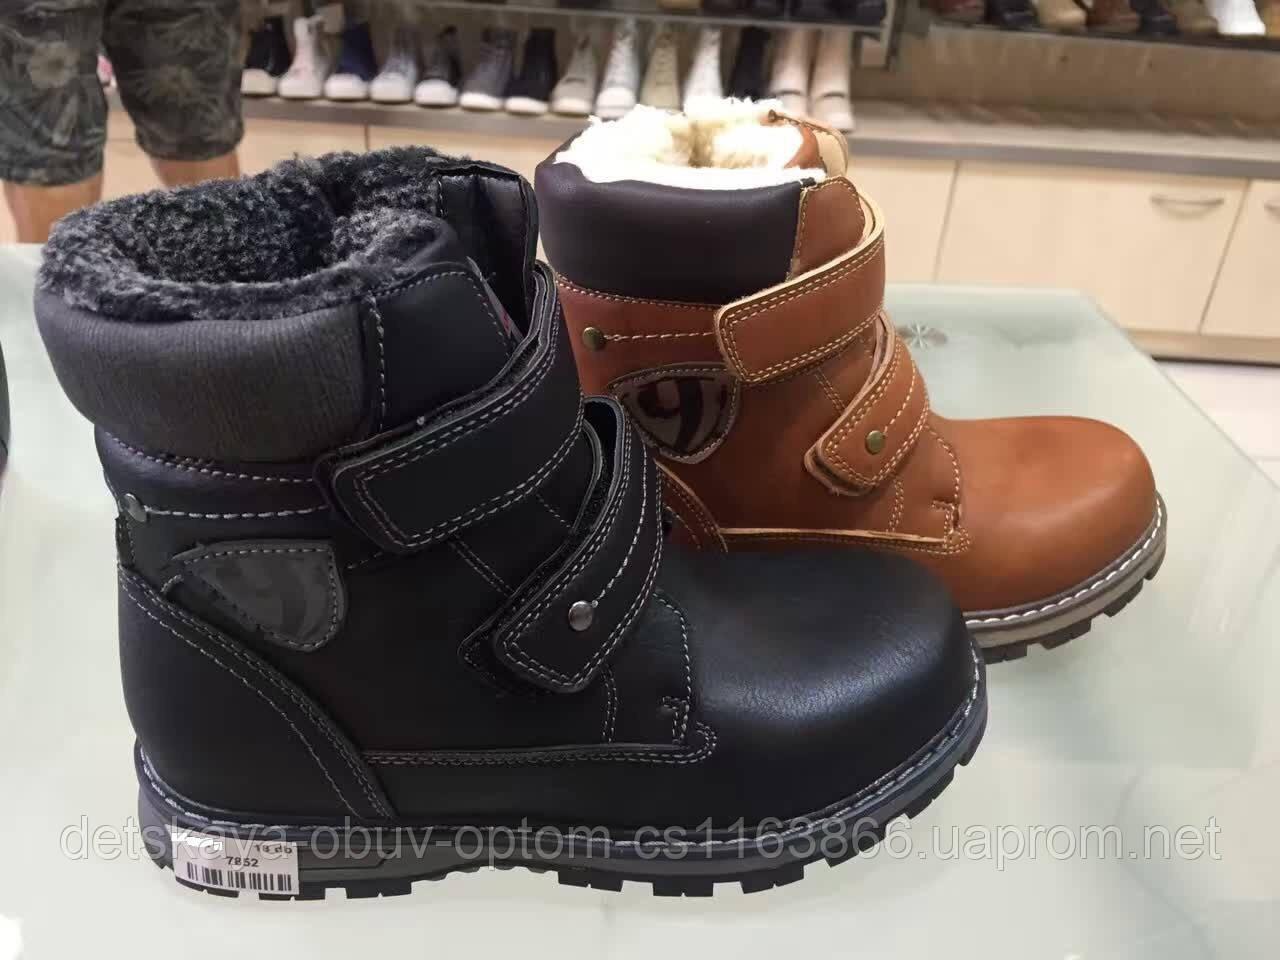 45606c8cf Детские зимние ботинки для мальчиков на липучках Camo оптом Размеры 32-37